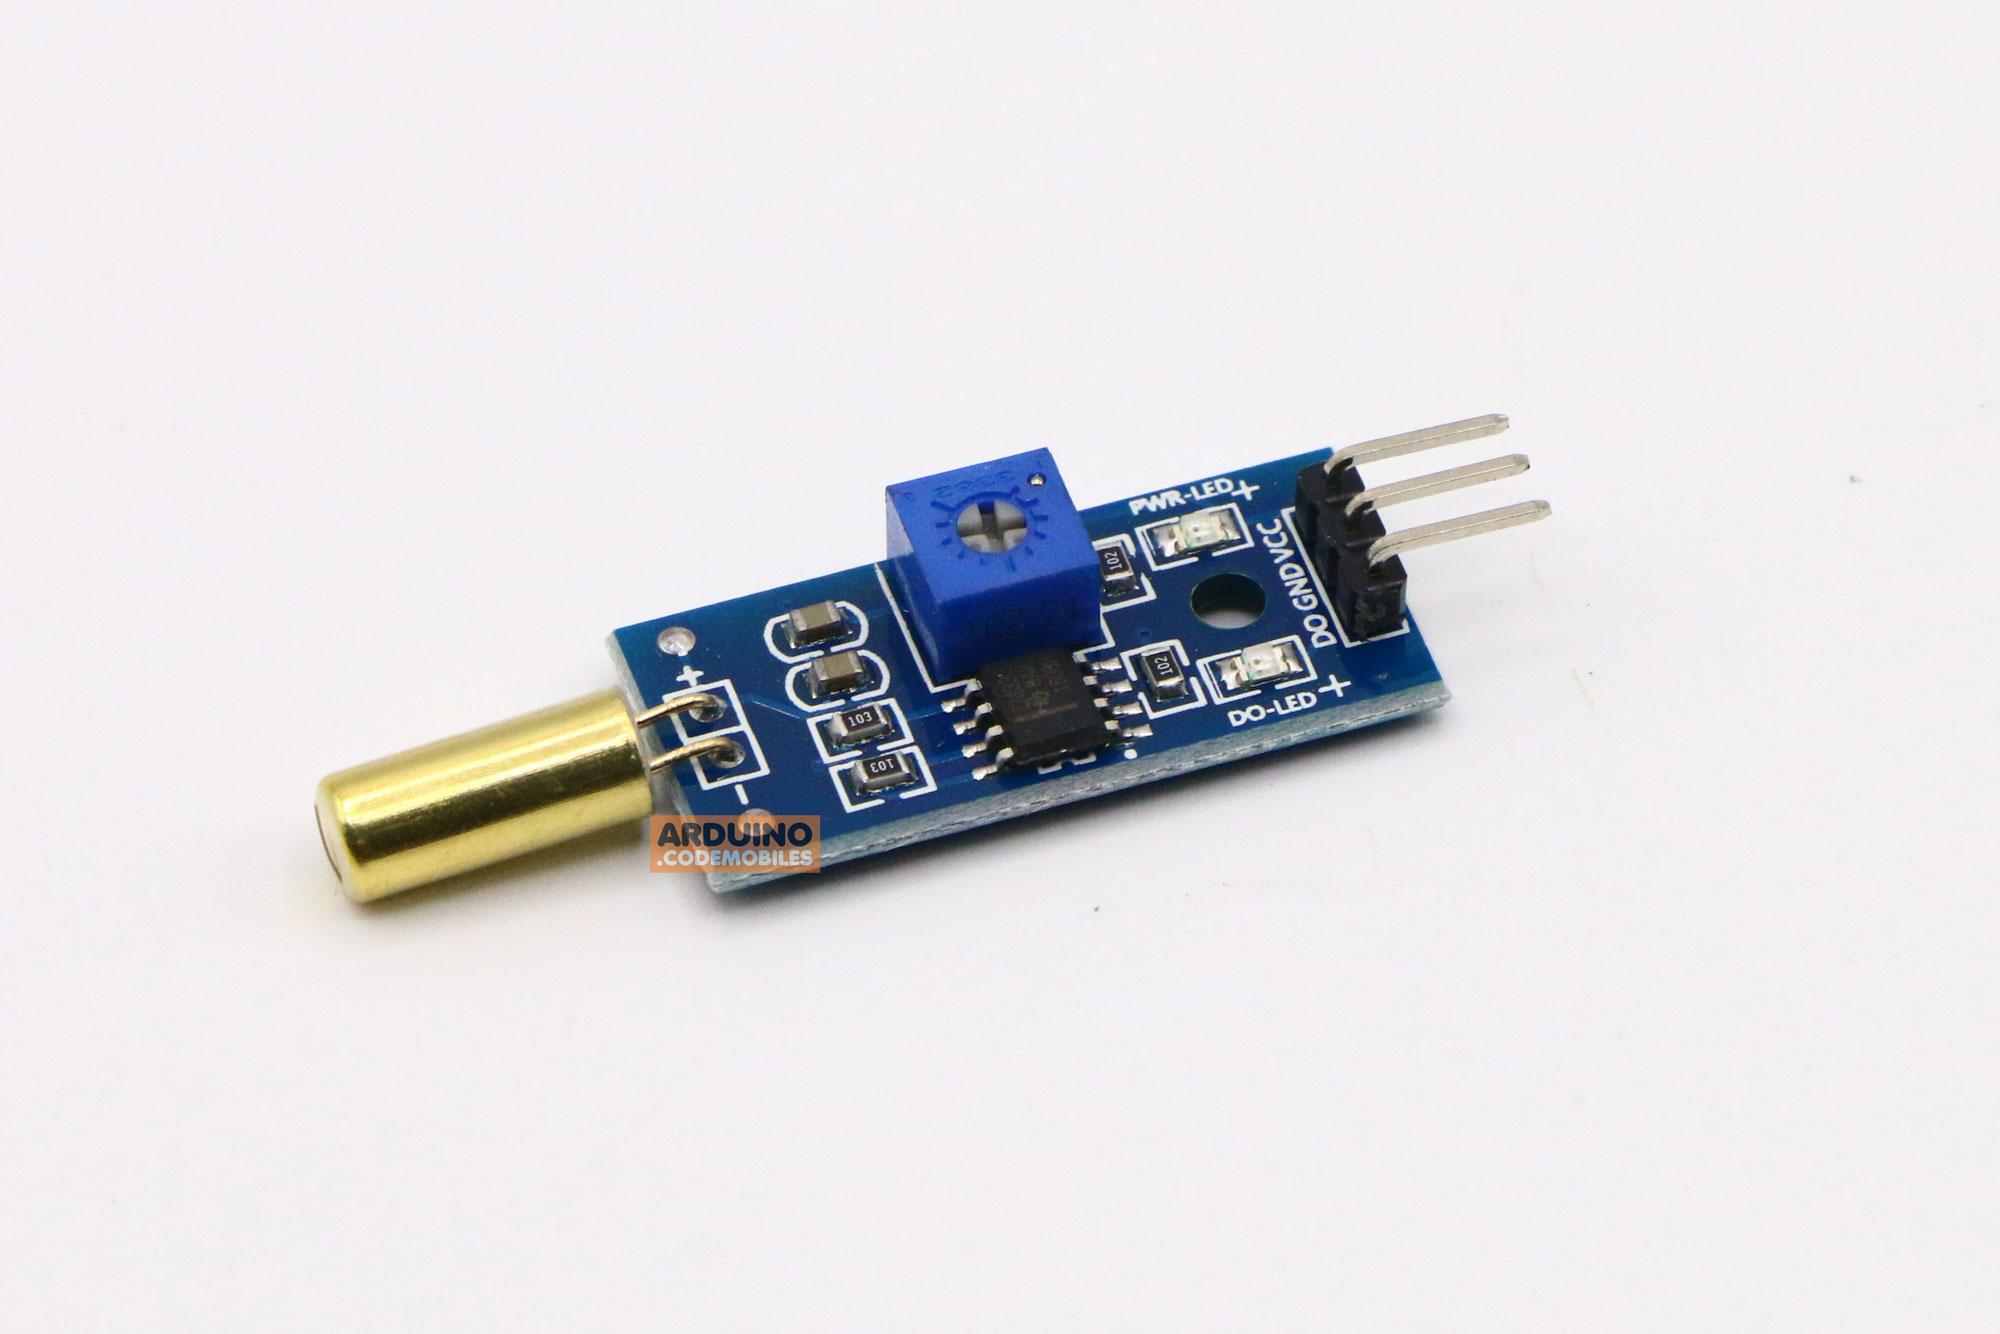 XD-06 Tilt Sensor Module โมดูลตรวจจับความเอียง